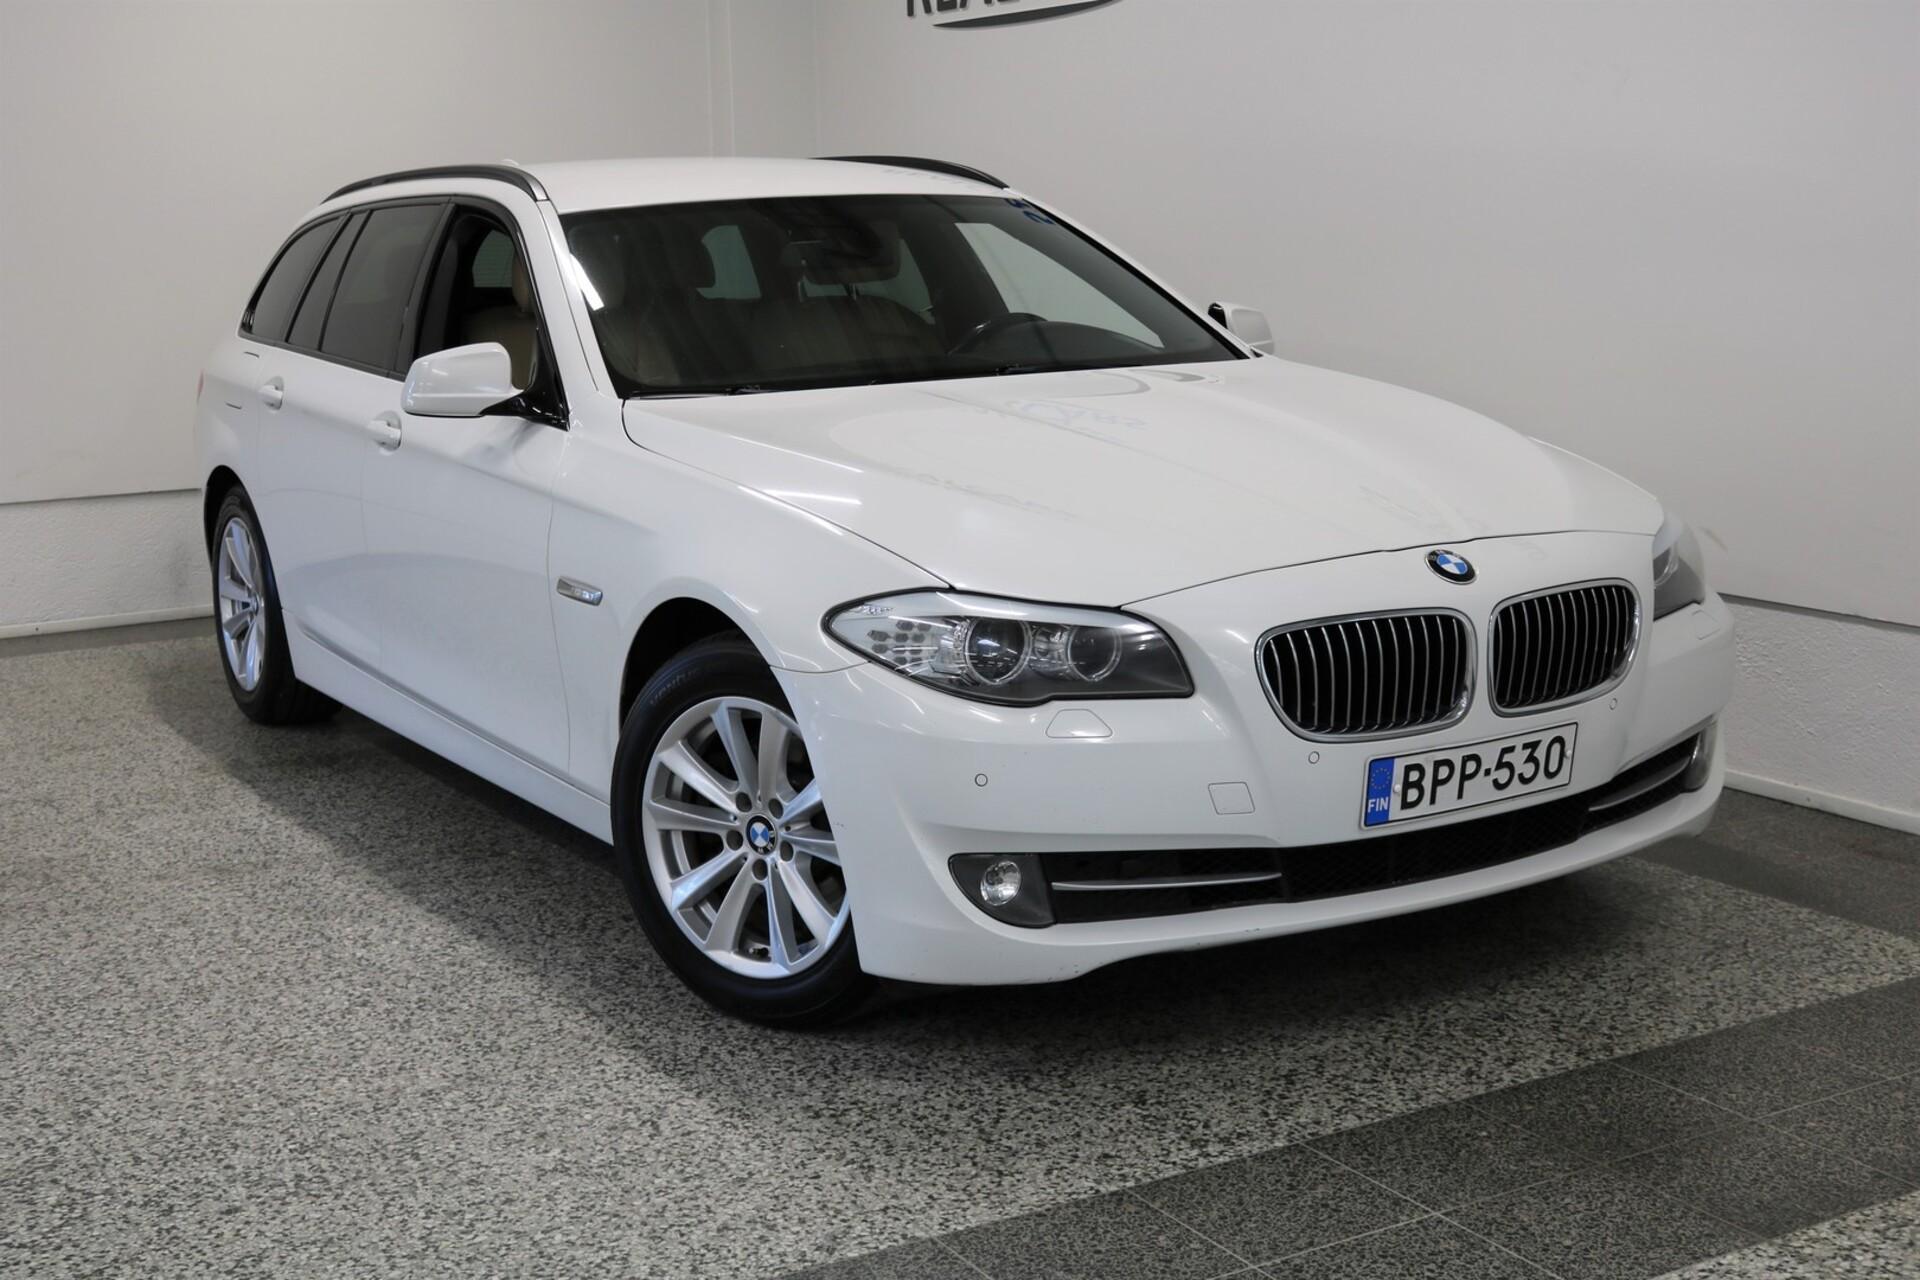 BMW 520 TwinPower Turbo Sport A F11 Touring Business / Nahkaverhoilu / Xenon / Seisontalämmitys / Koukku / Tutkat / Sähköinen takaluukku